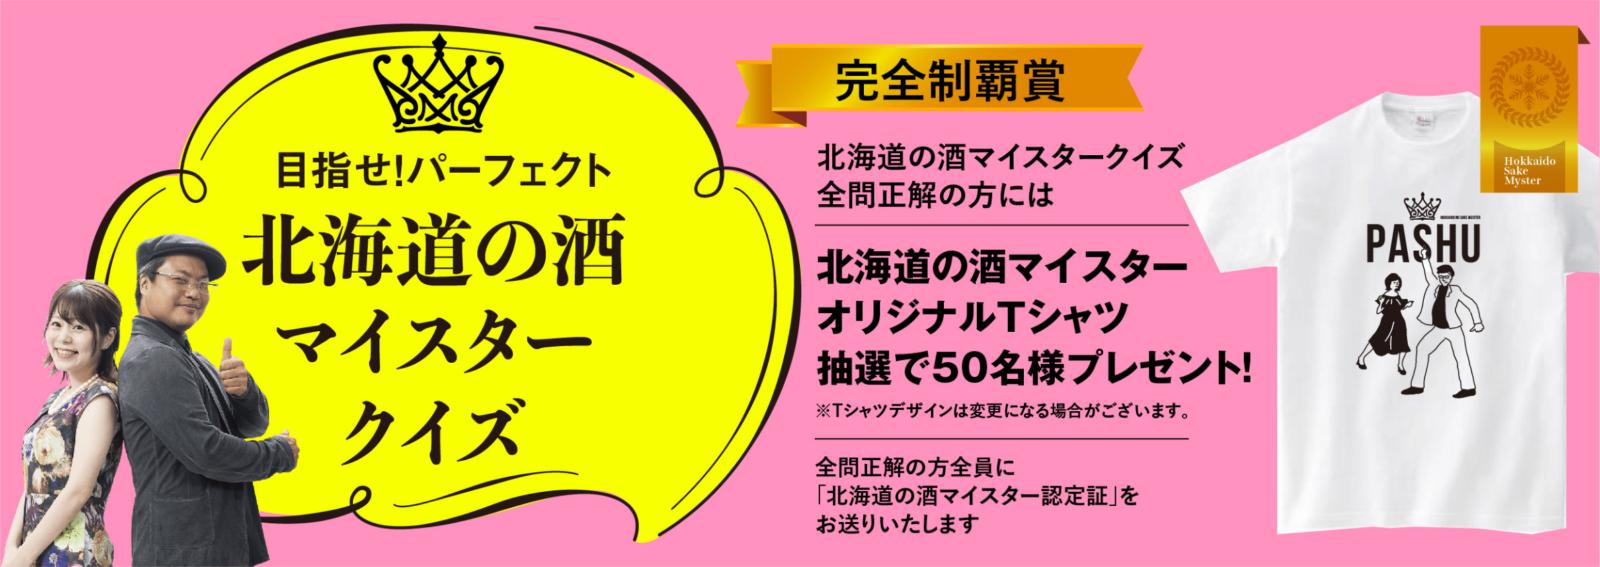 目指せ!パーフェクト 北海道の酒マイスタークイズ